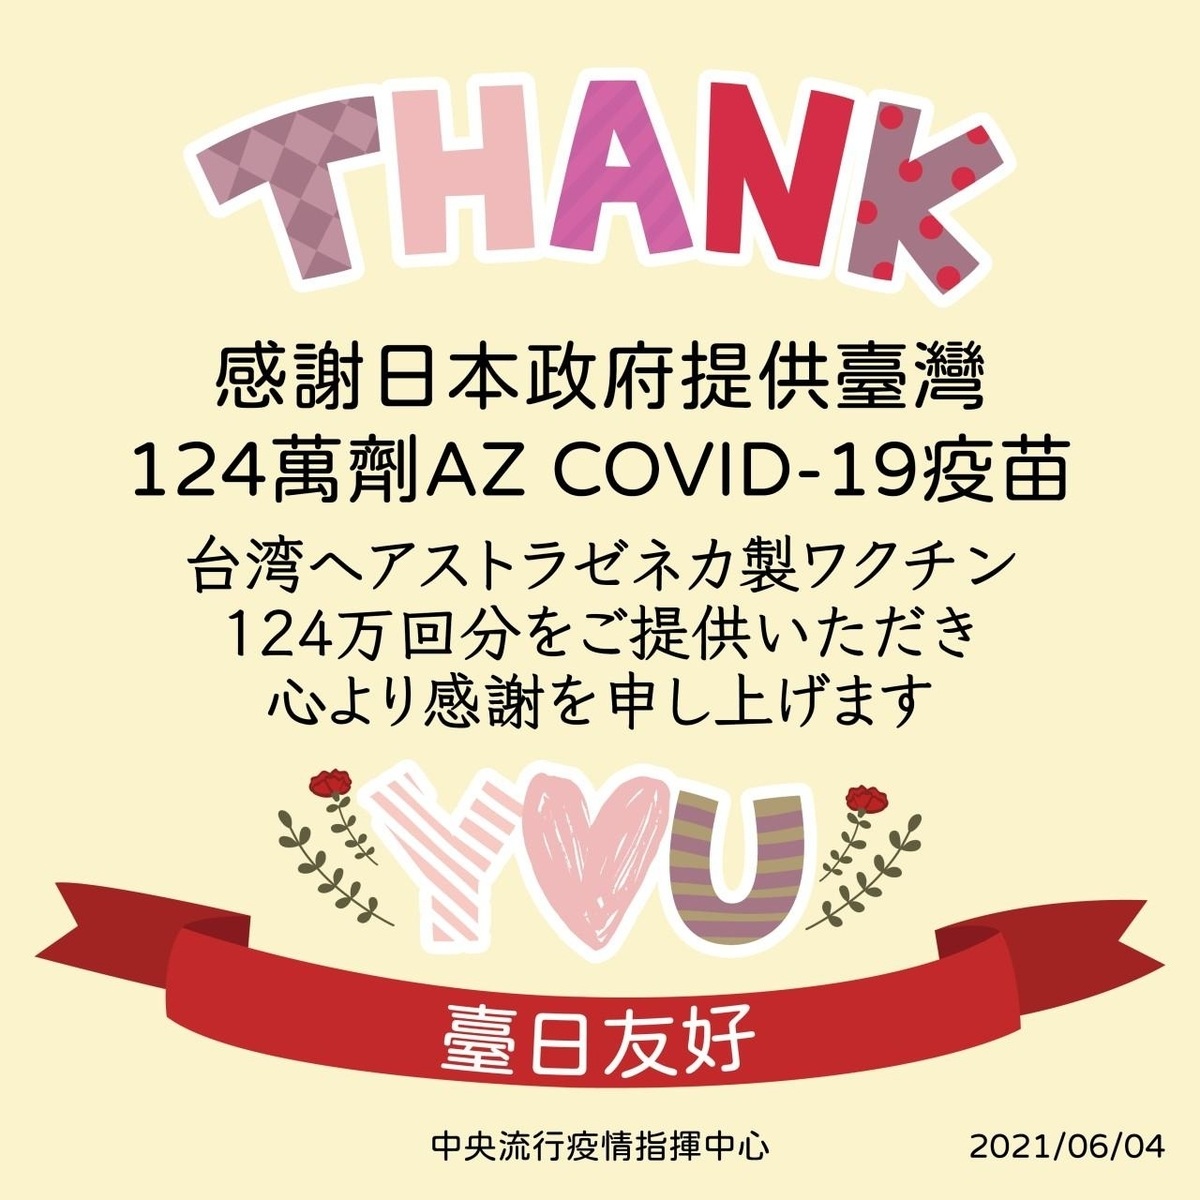 f:id:yoshinori-hoshi:20210618190849j:plain